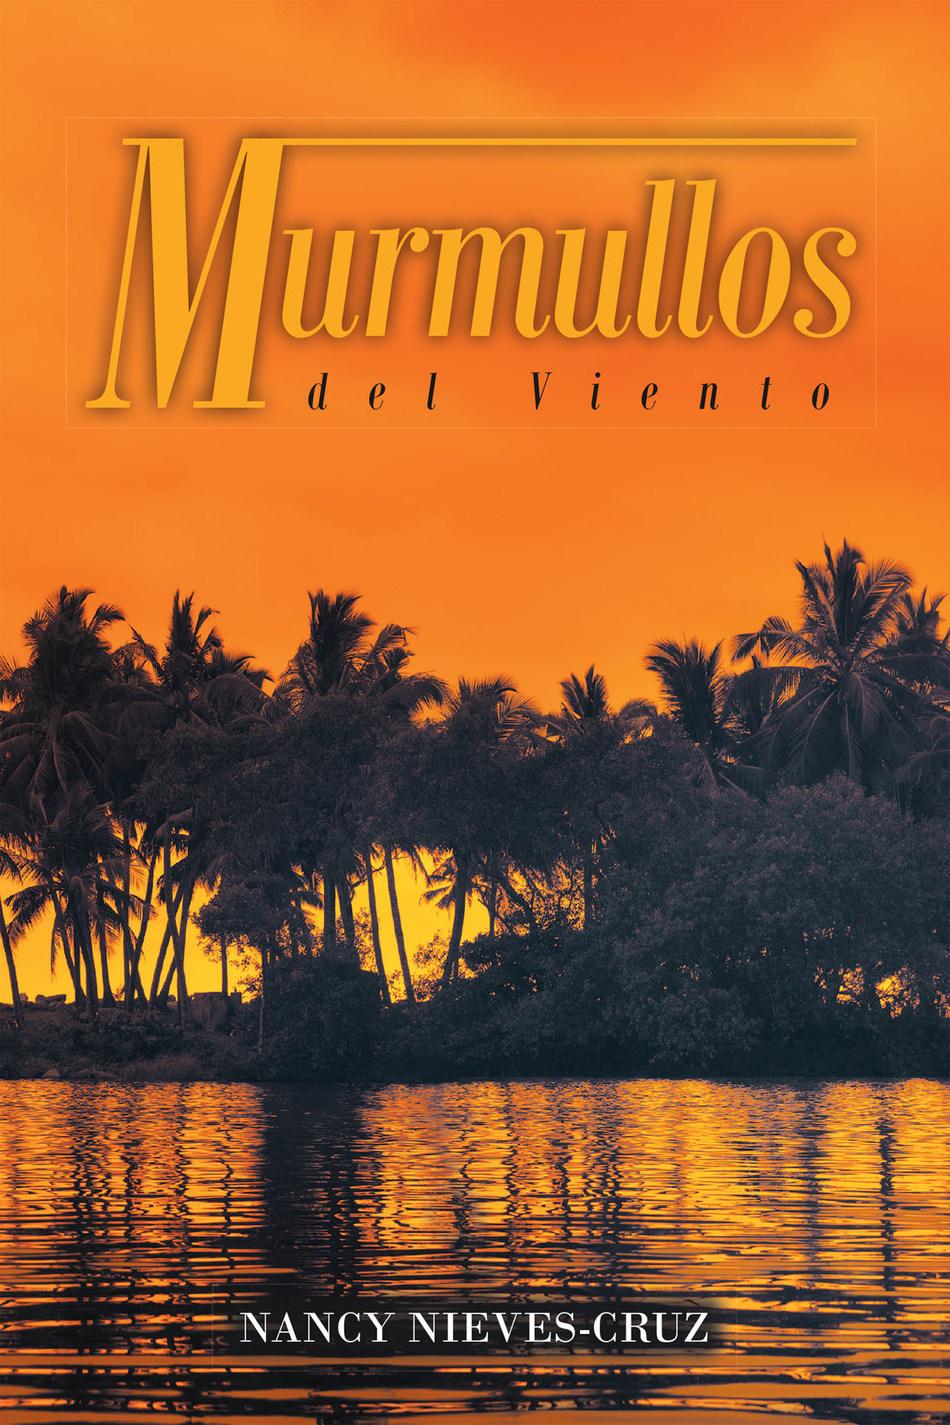 Nancy_Nieves_Cruz_book